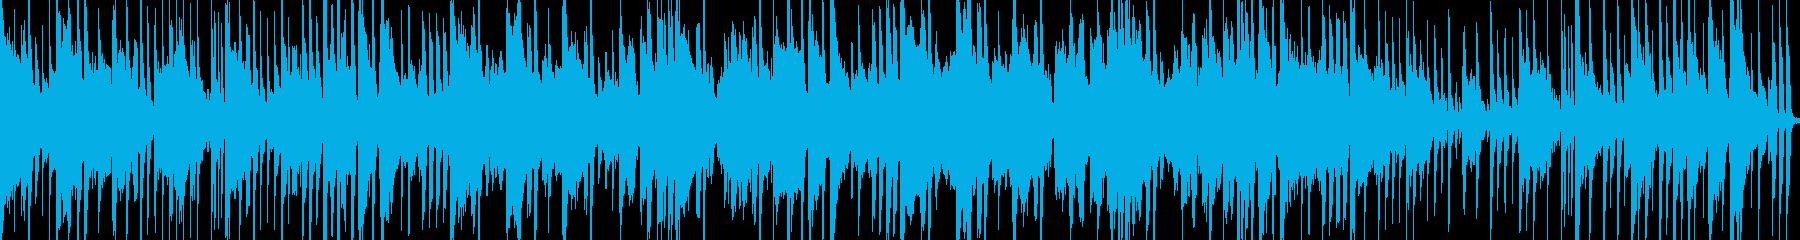 ループ可!コロコロとしたエレクトロポップの再生済みの波形